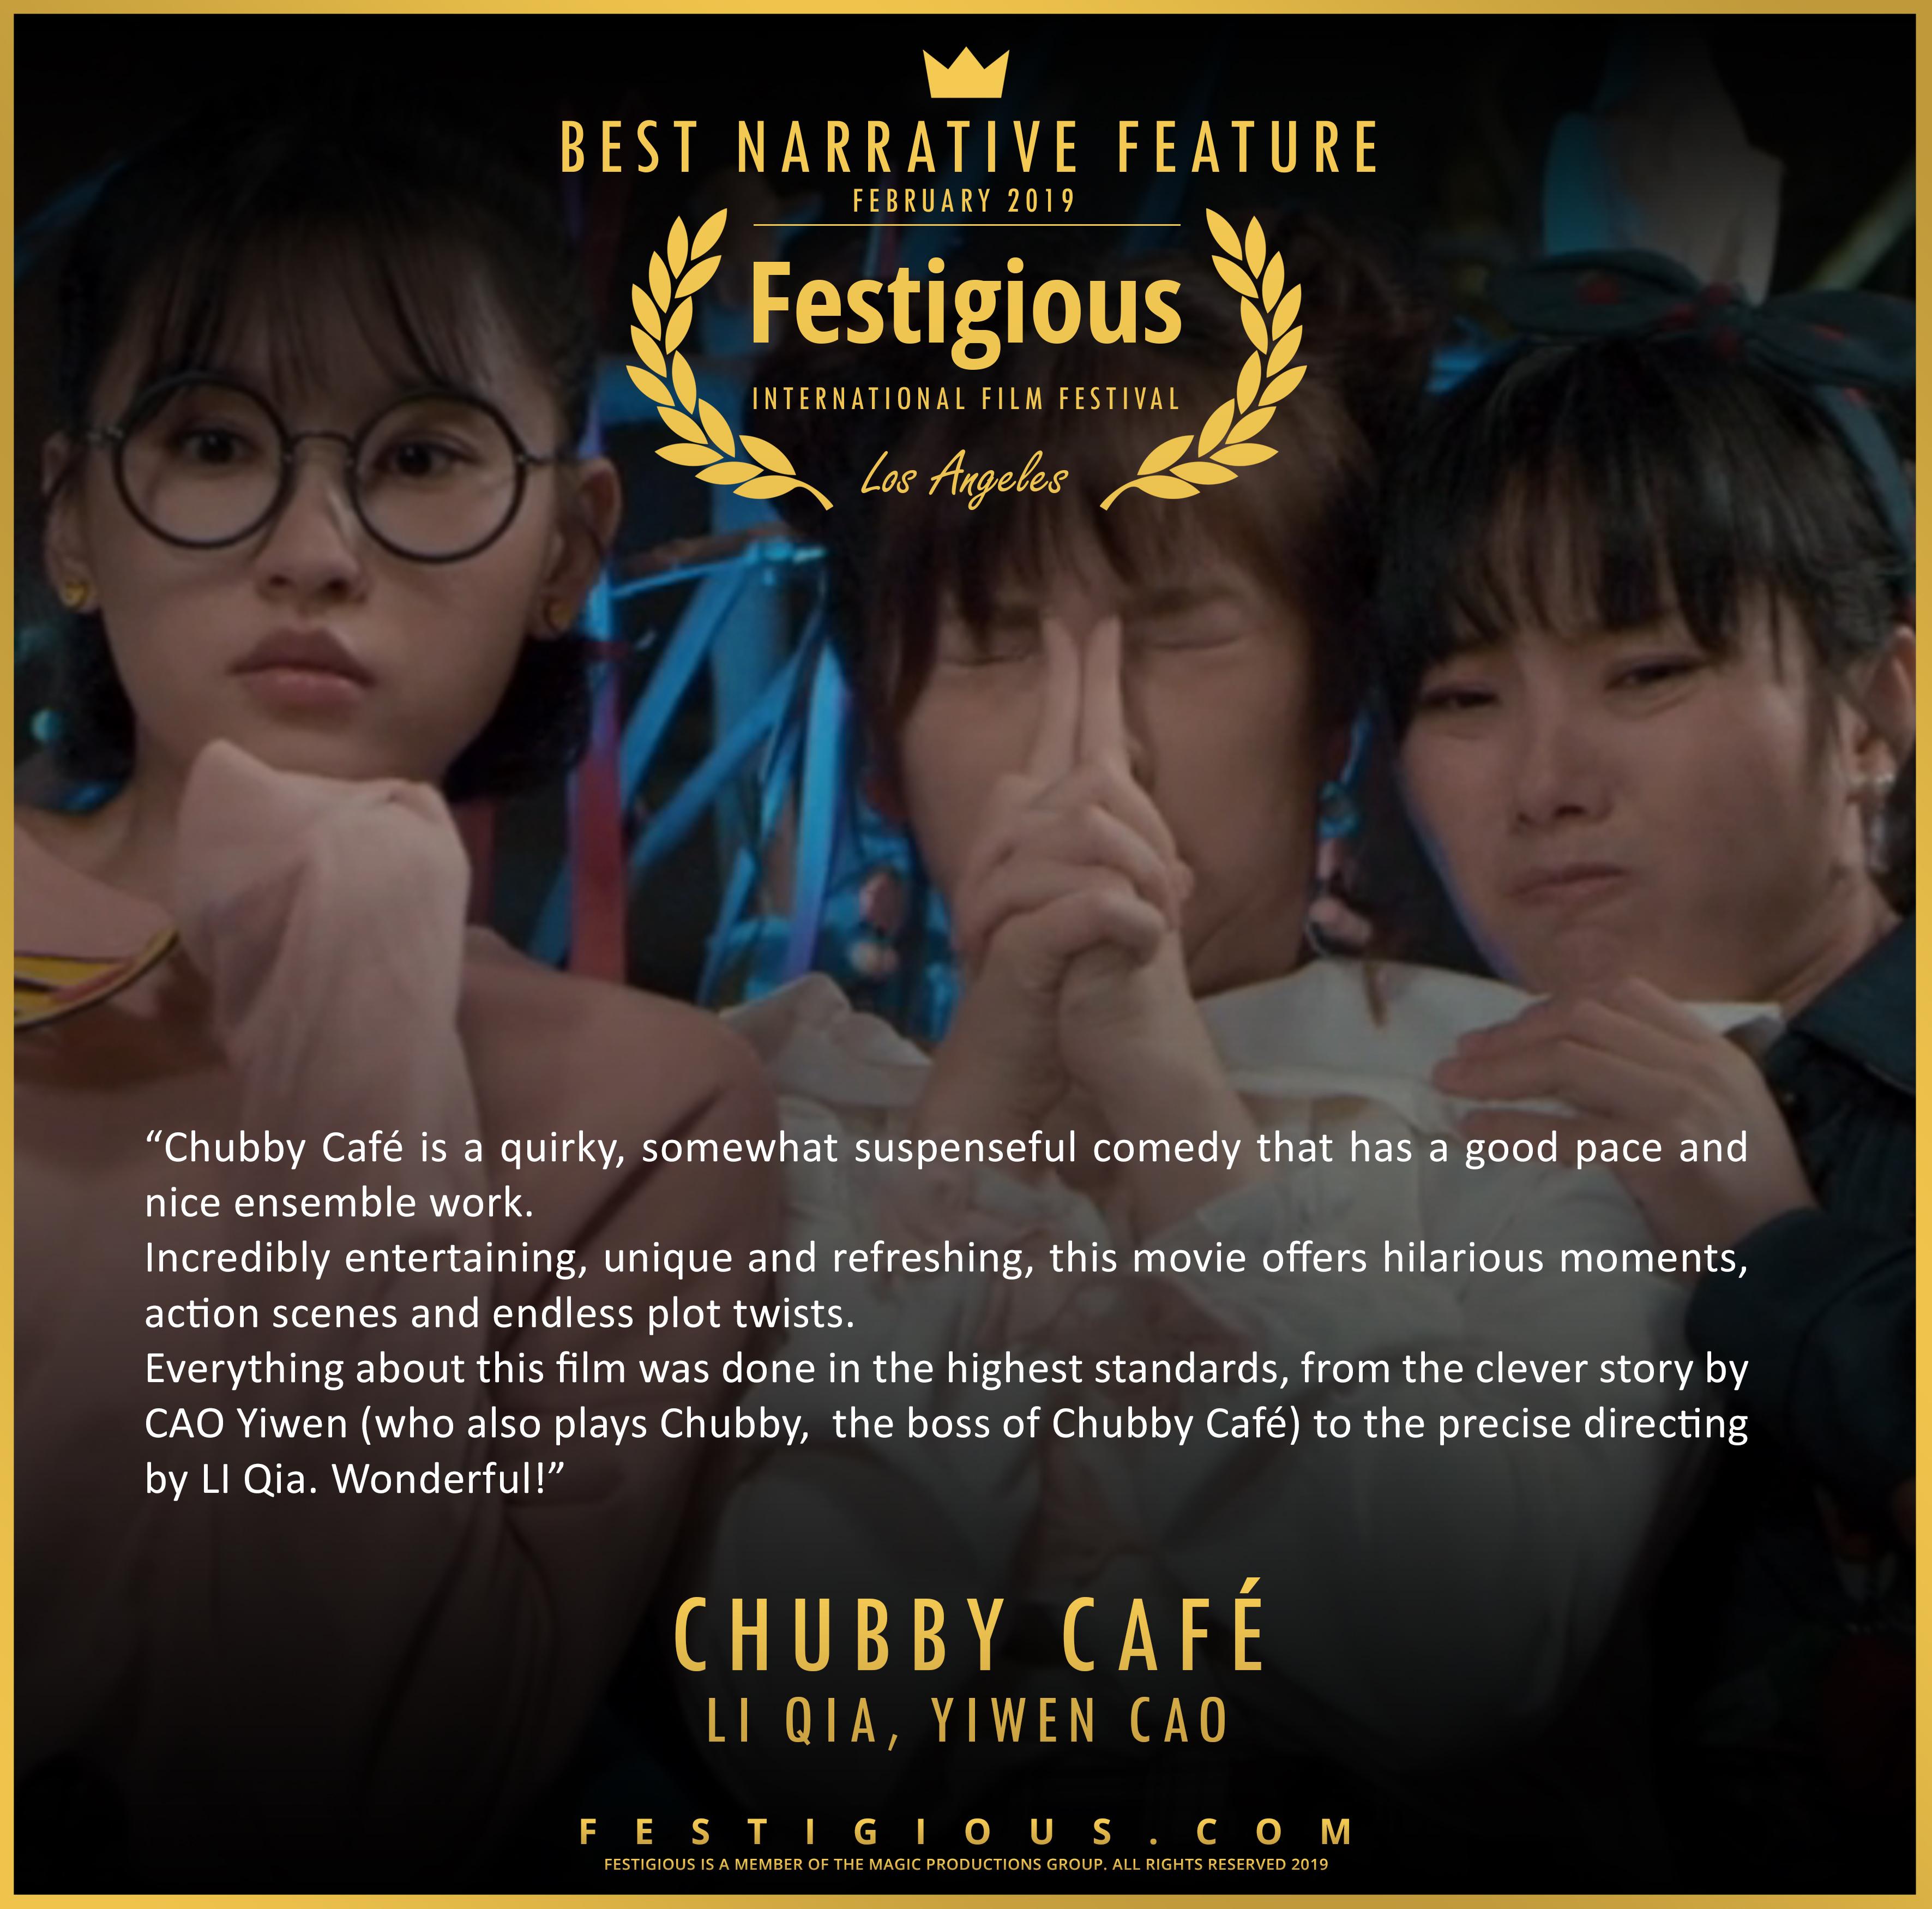 CHUBBY_CAFÉ_design